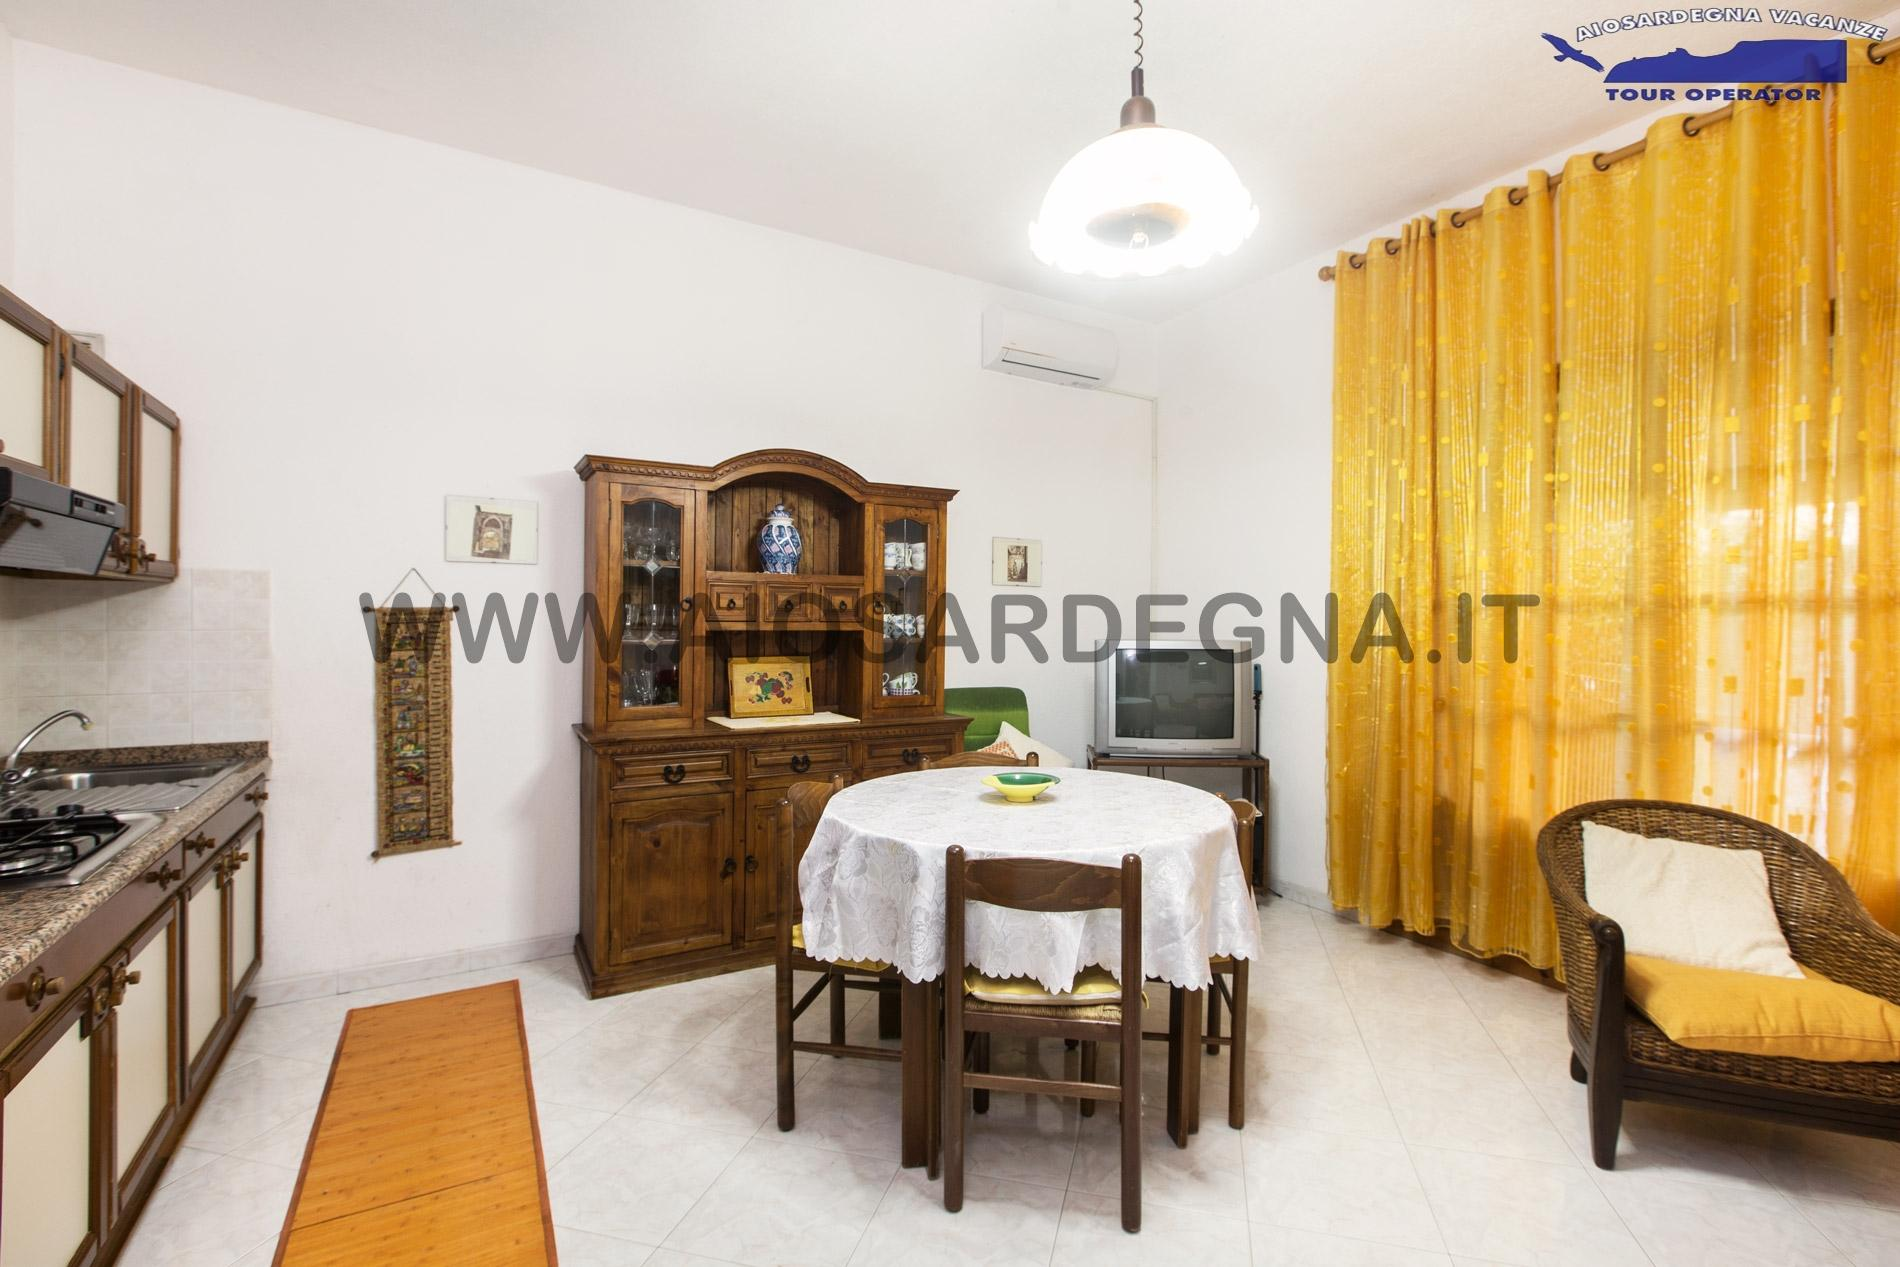 Maison Vacances 3 Appartement 3 piéces avec Jardin WiFi Pula Sardaigne